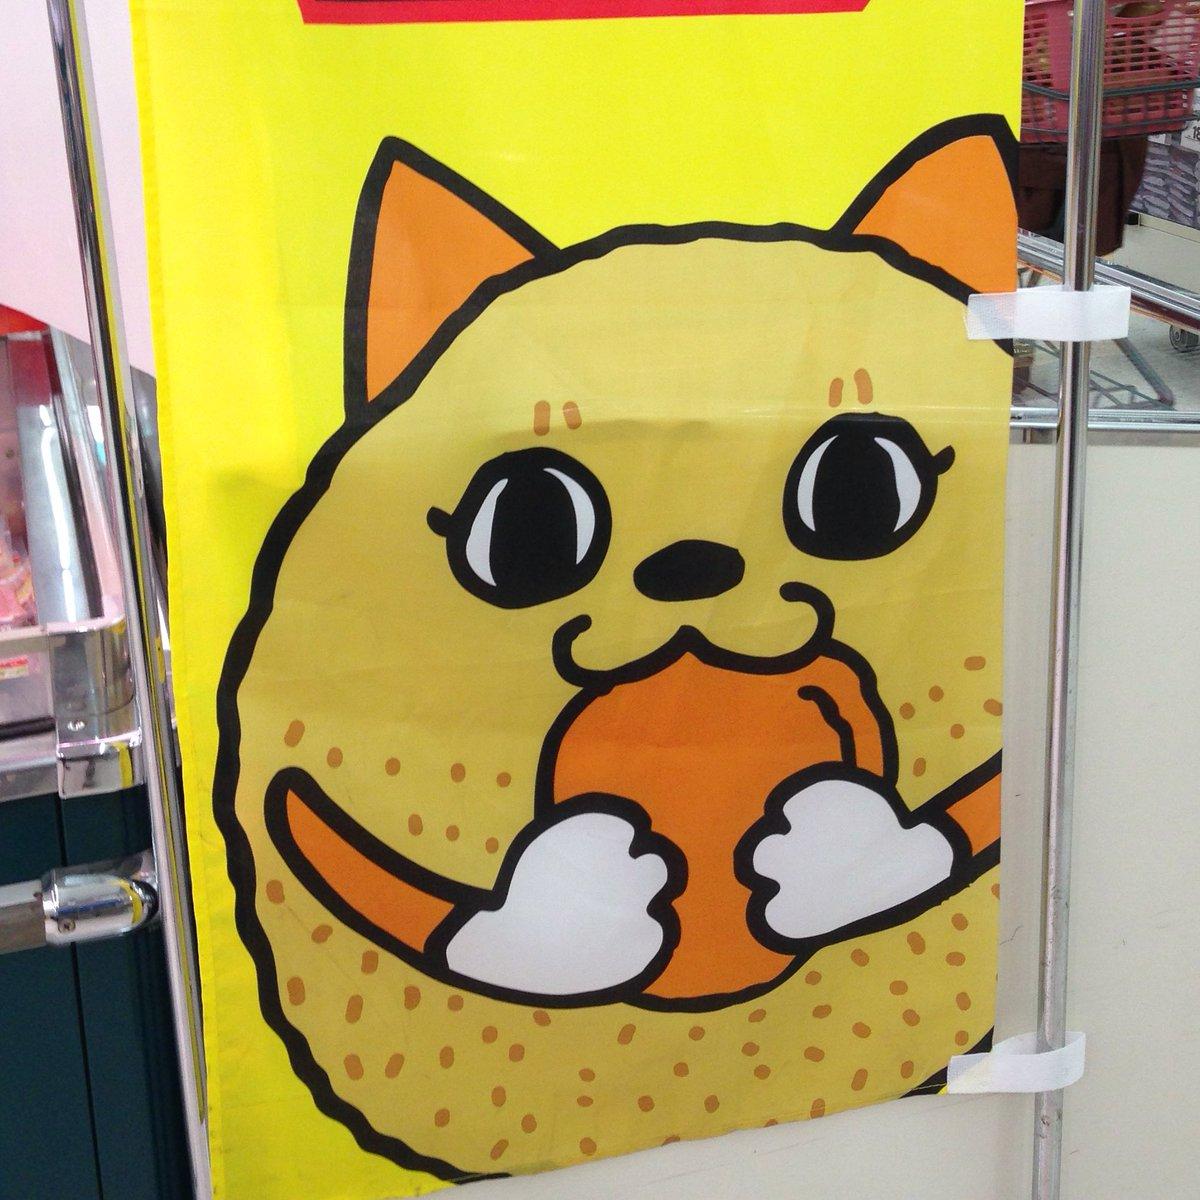 だまだま on Twitter \u0026quot;地元のスーパー、タイヨーの「ねころっけ」かわいい。 https//t.co/Ayj4Nkd3qR\u0026quot;